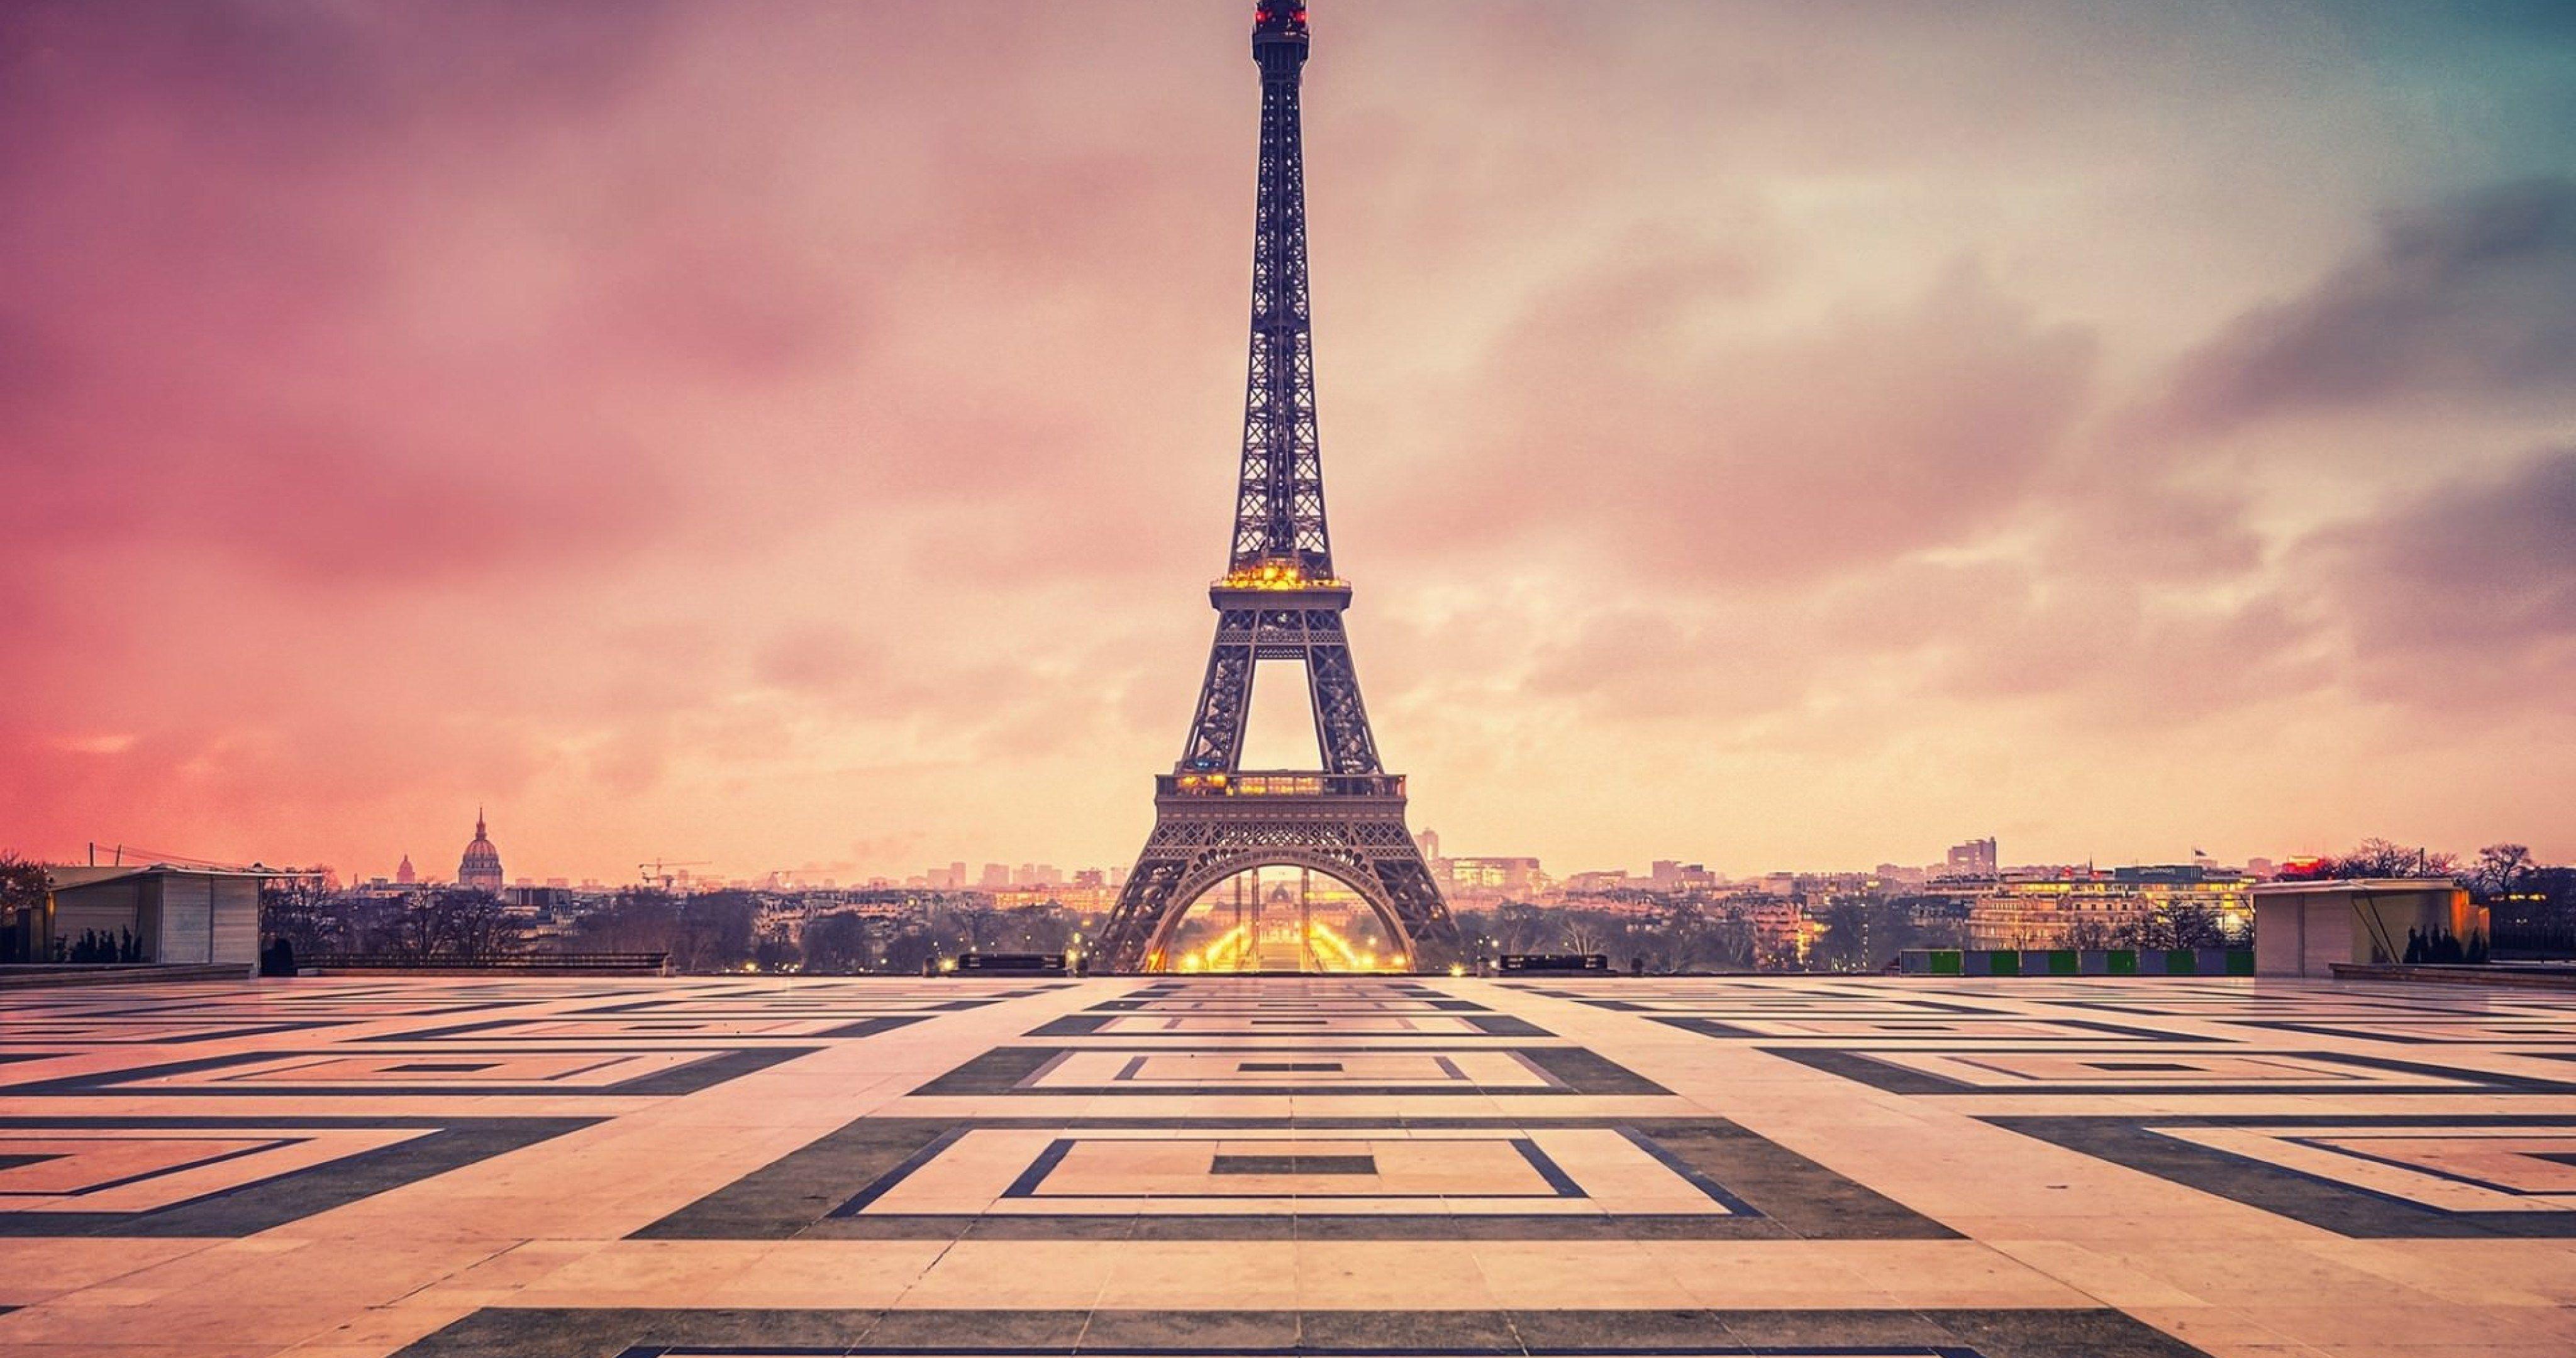 Paris Eiffel Tower Twilight Clouds 4k Ultra Hd Wallpaper Tour Eiffel Paris Wallpaper Paris